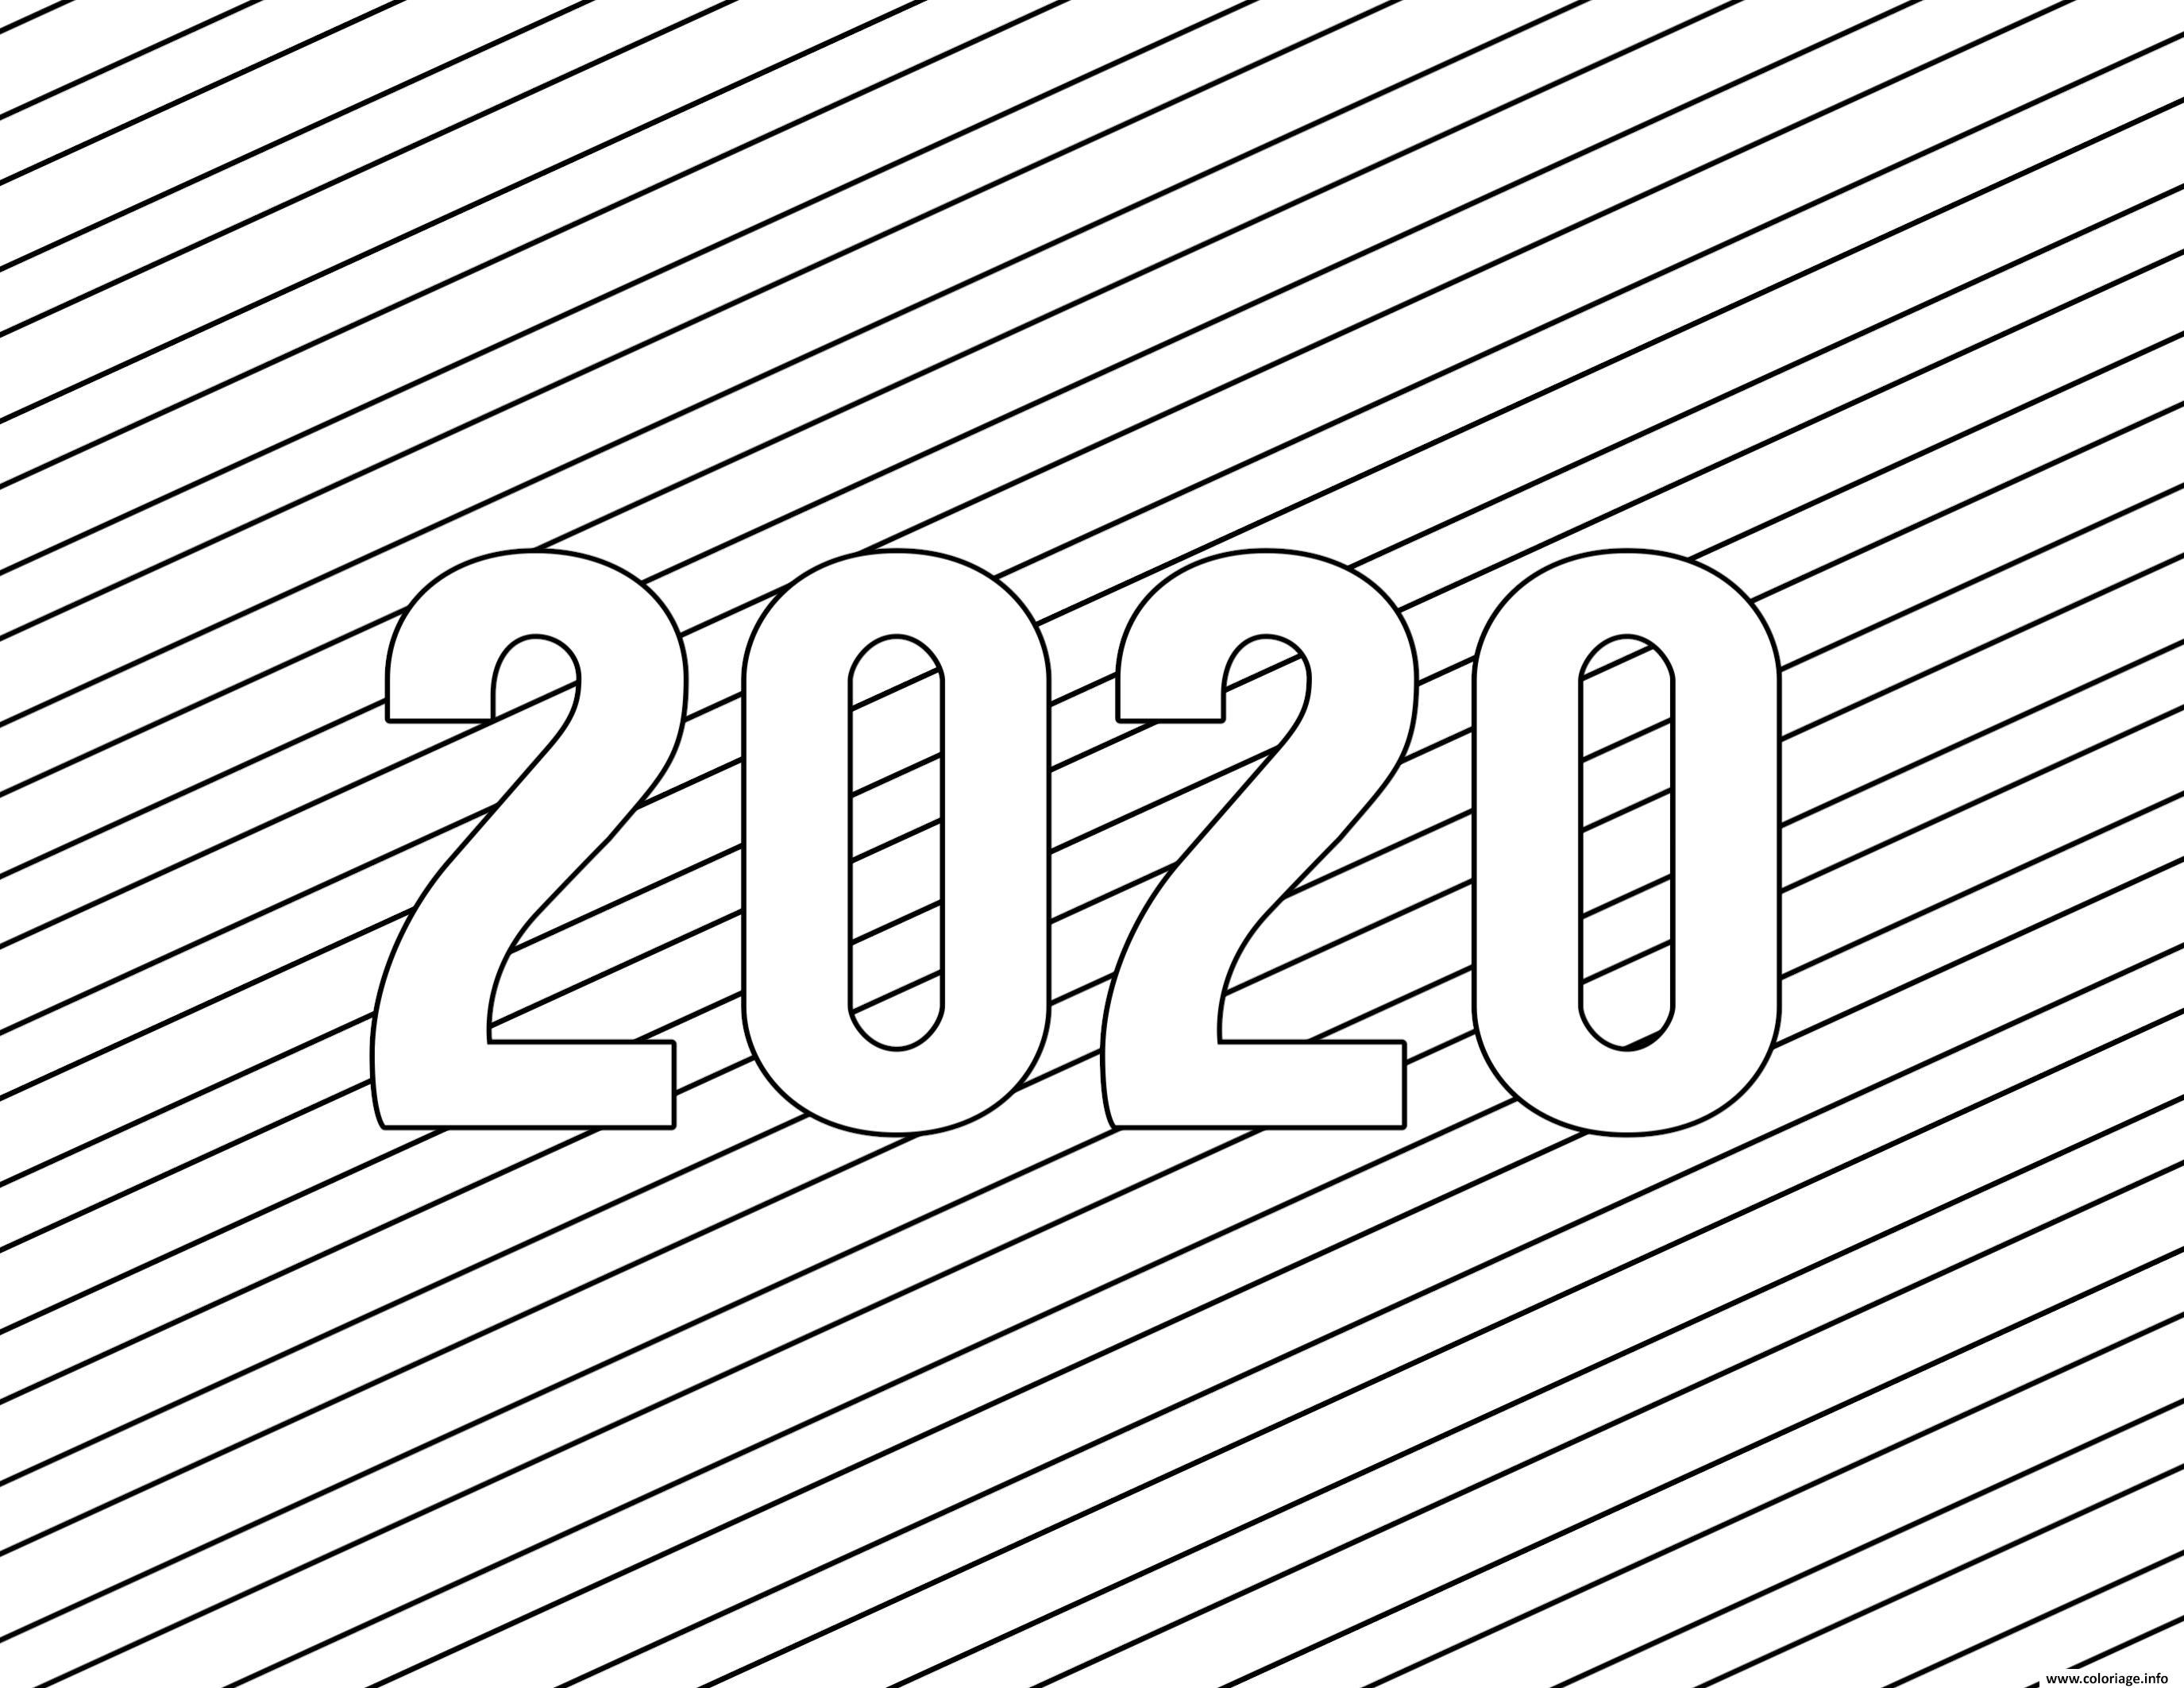 Dessin 2020 bonne annee Simple Lines Coloriage Gratuit à Imprimer